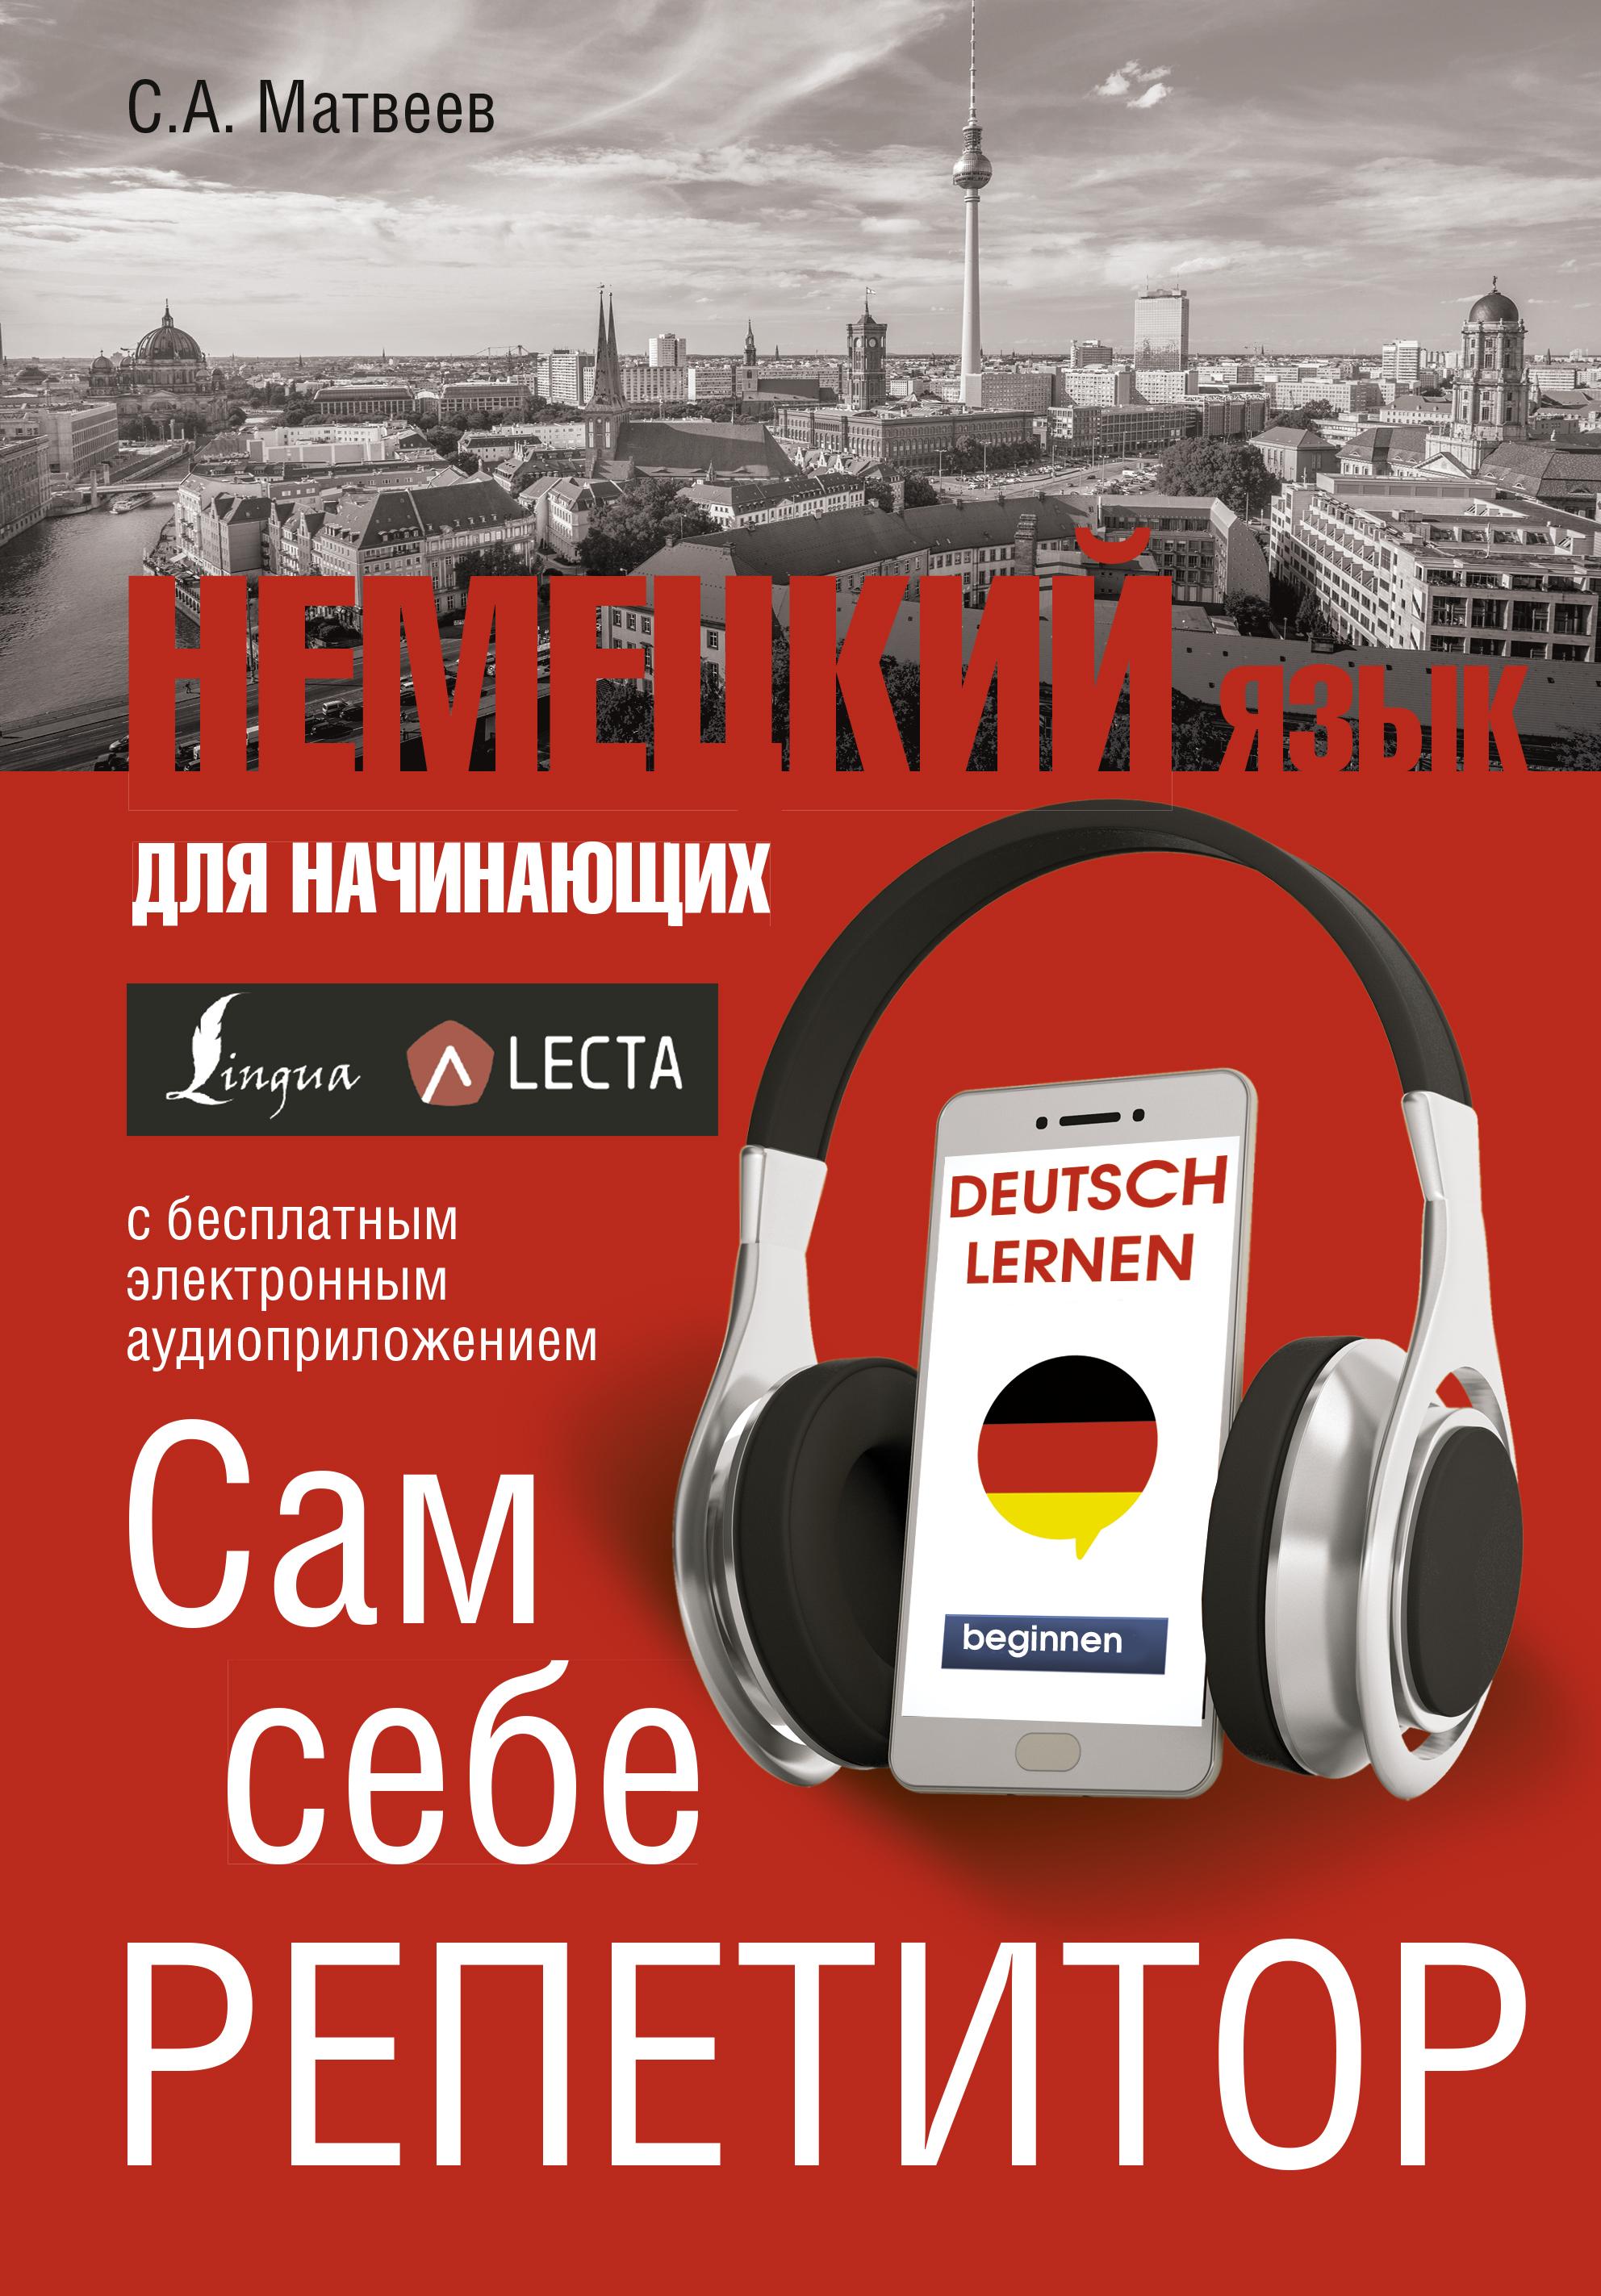 все цены на С. А. Матвеев Немецкий язык для начинающих. Сам себе репетитор + LECTA онлайн